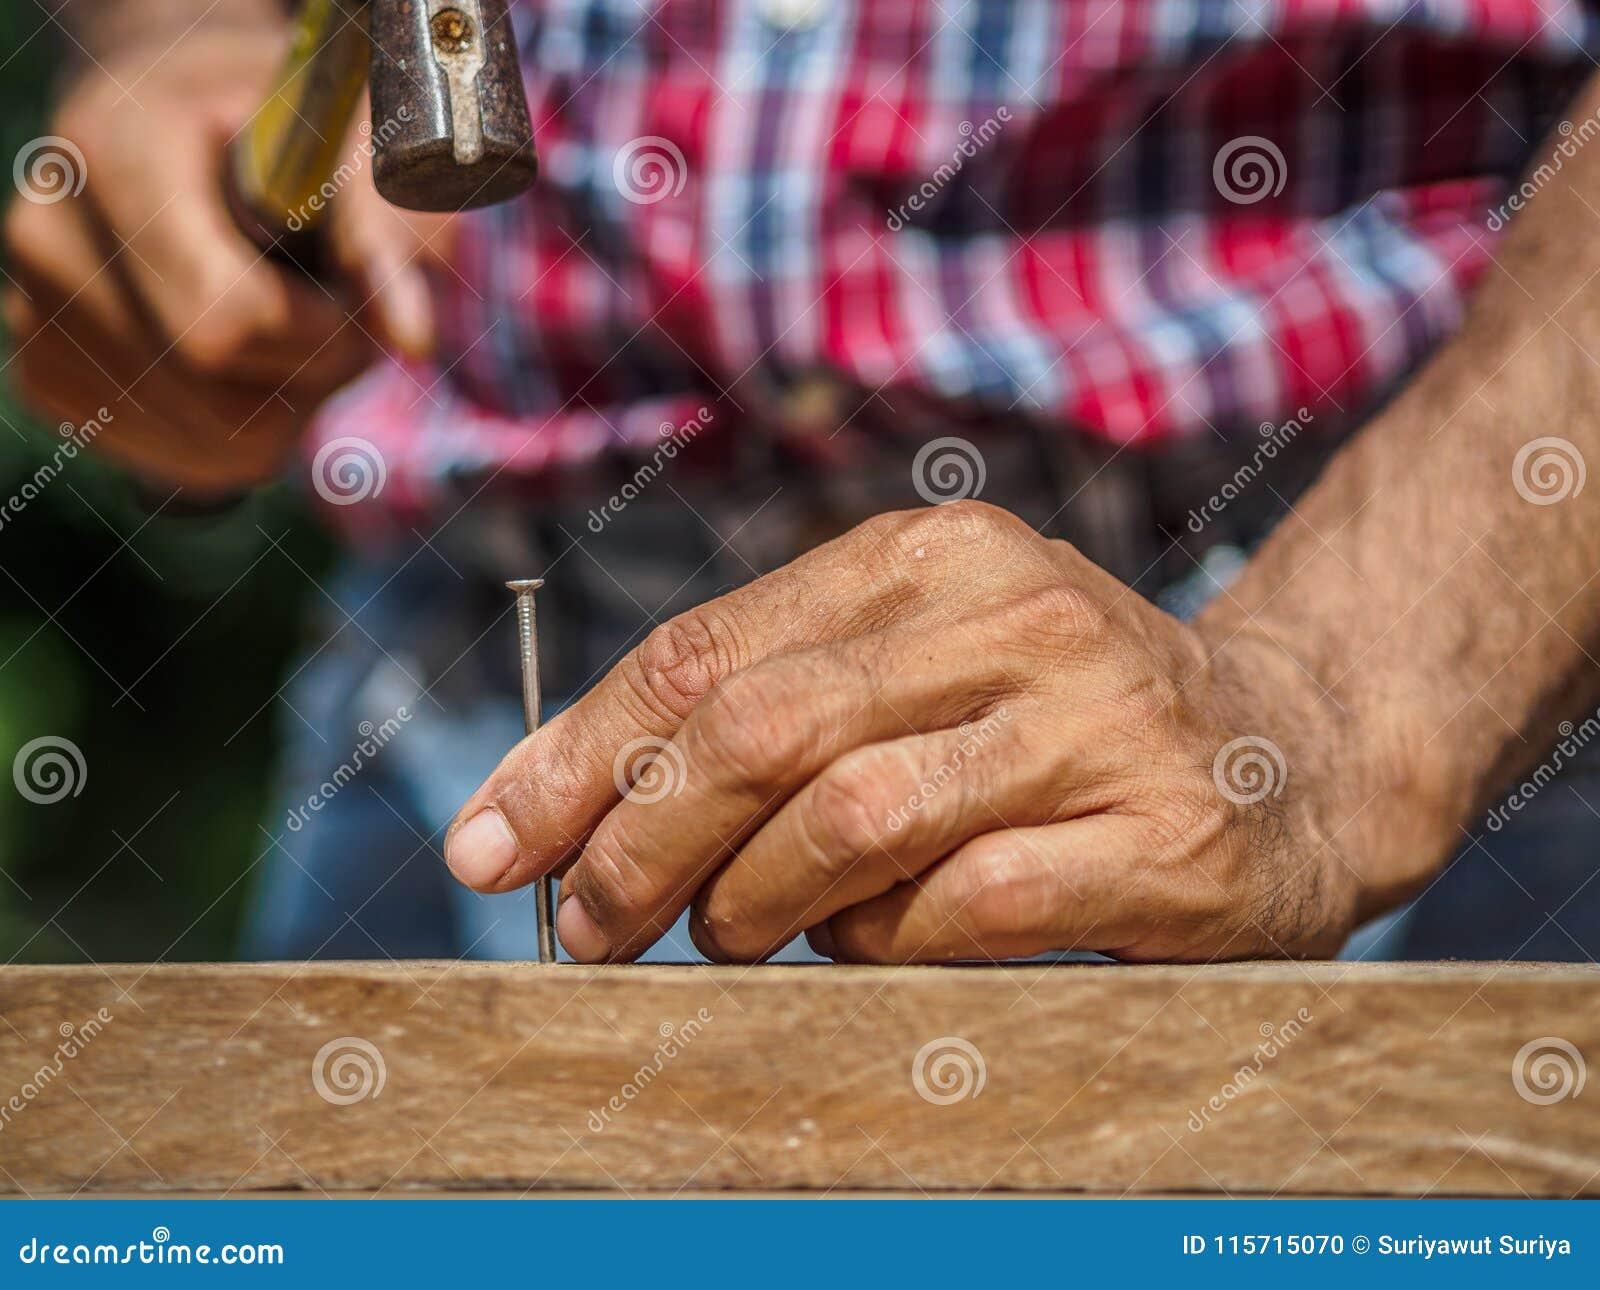 Stäng sig upp av att bulta en spika in i träbräde yrke karp